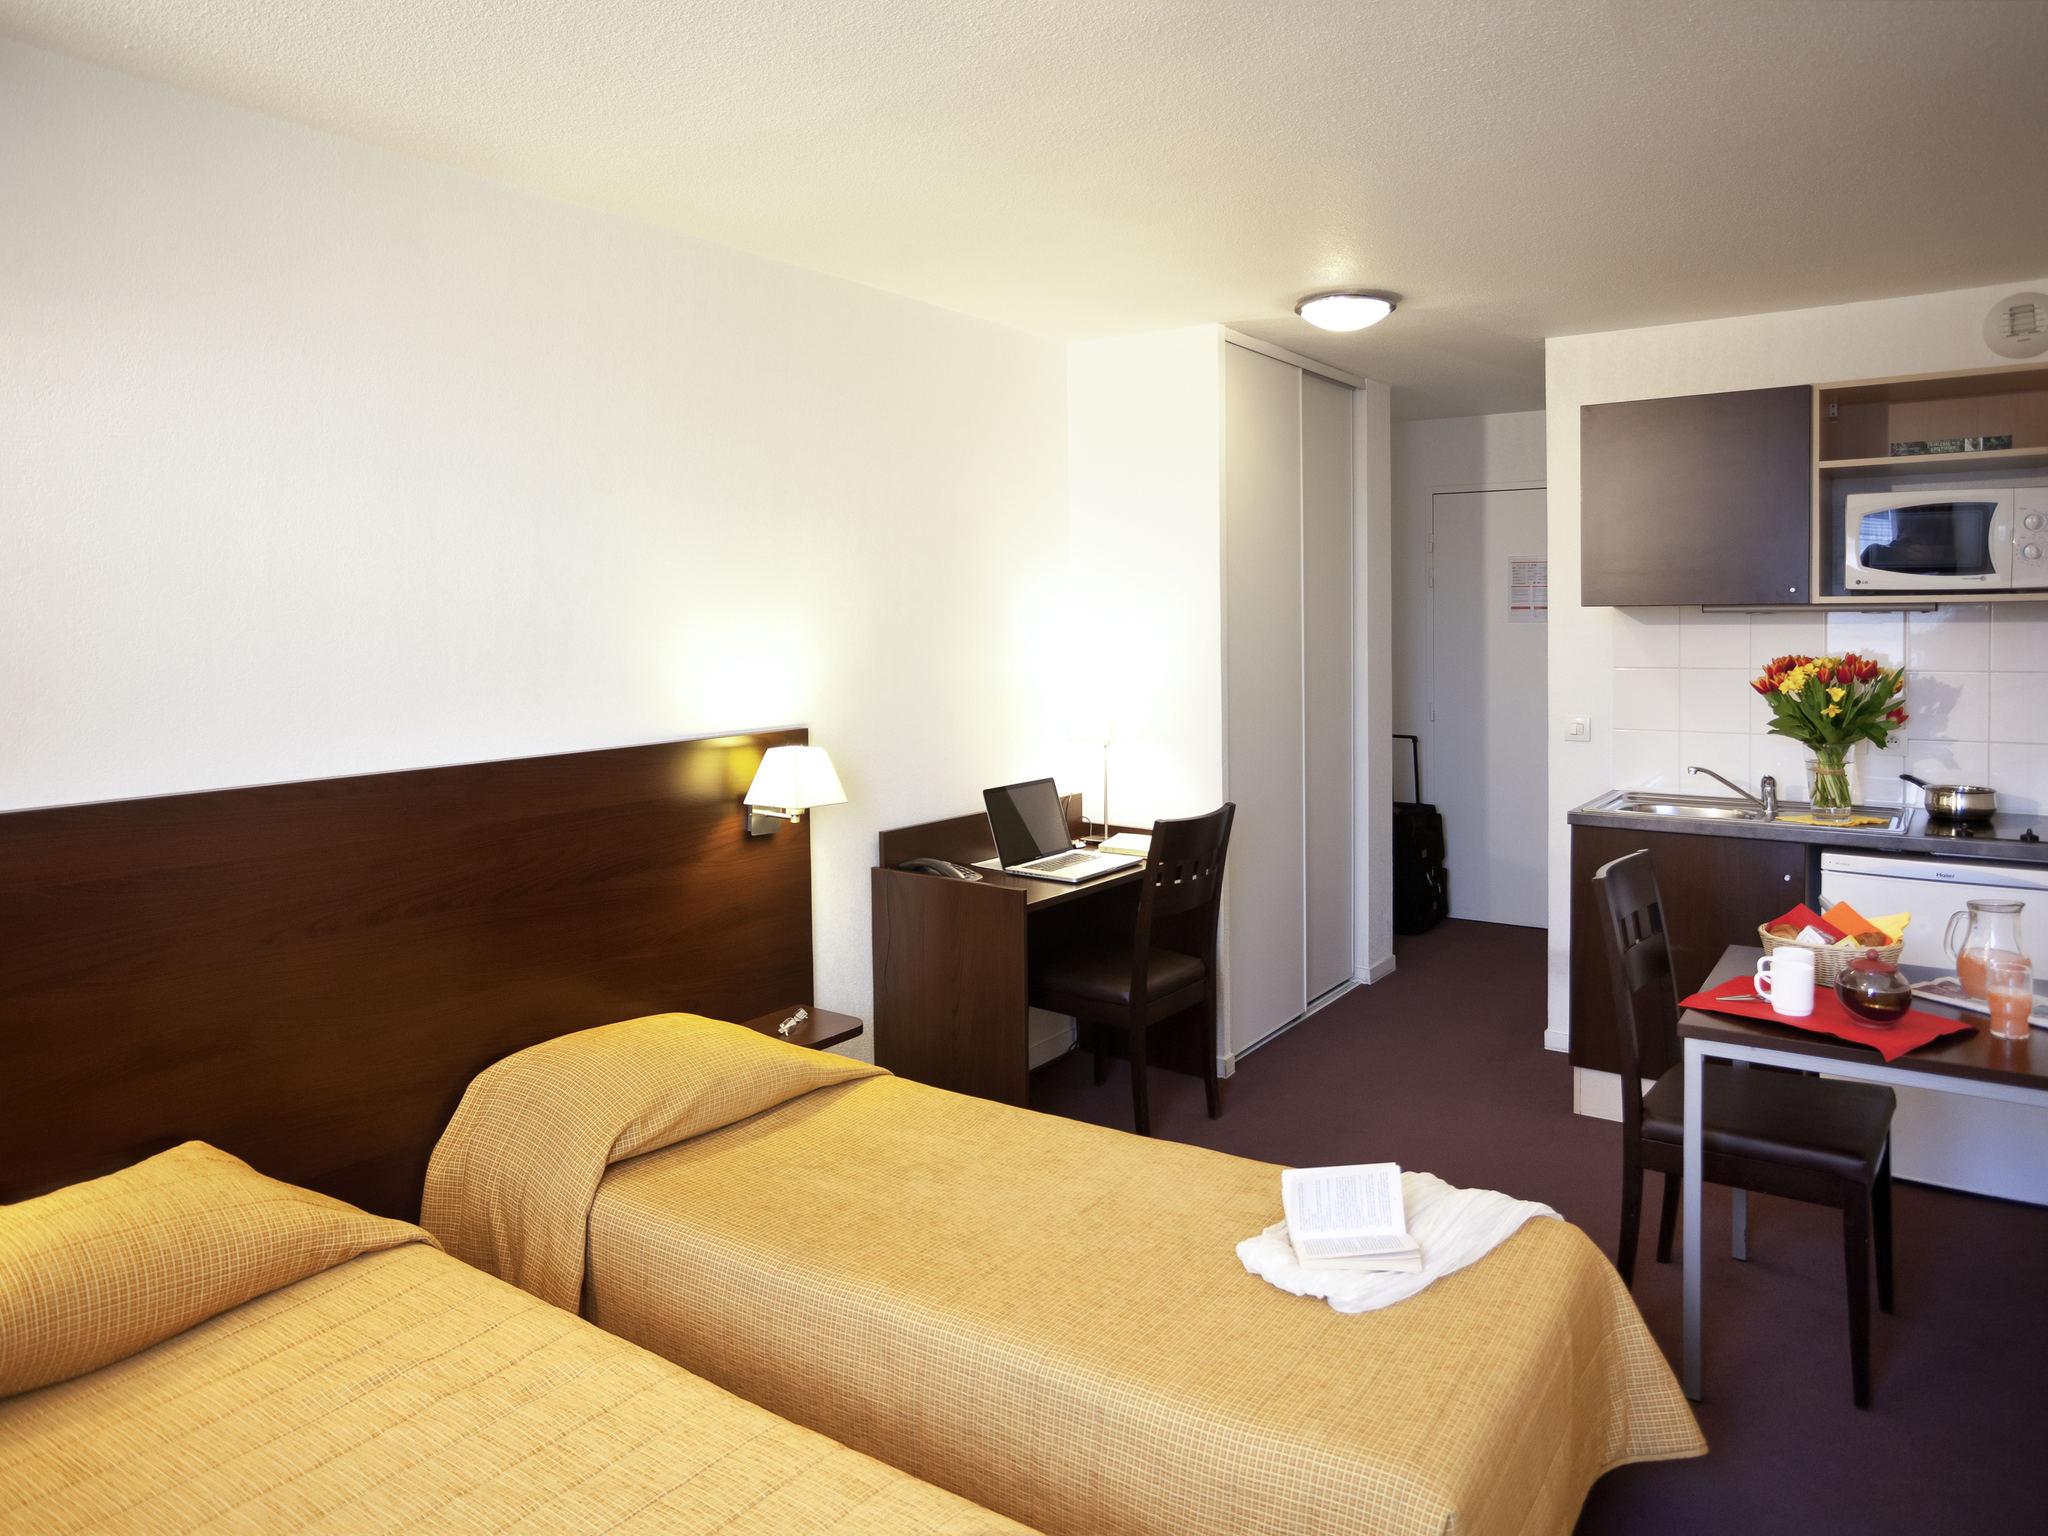 Hotel in saint denis aparthotel adagio access paris for Apart hotel adagio